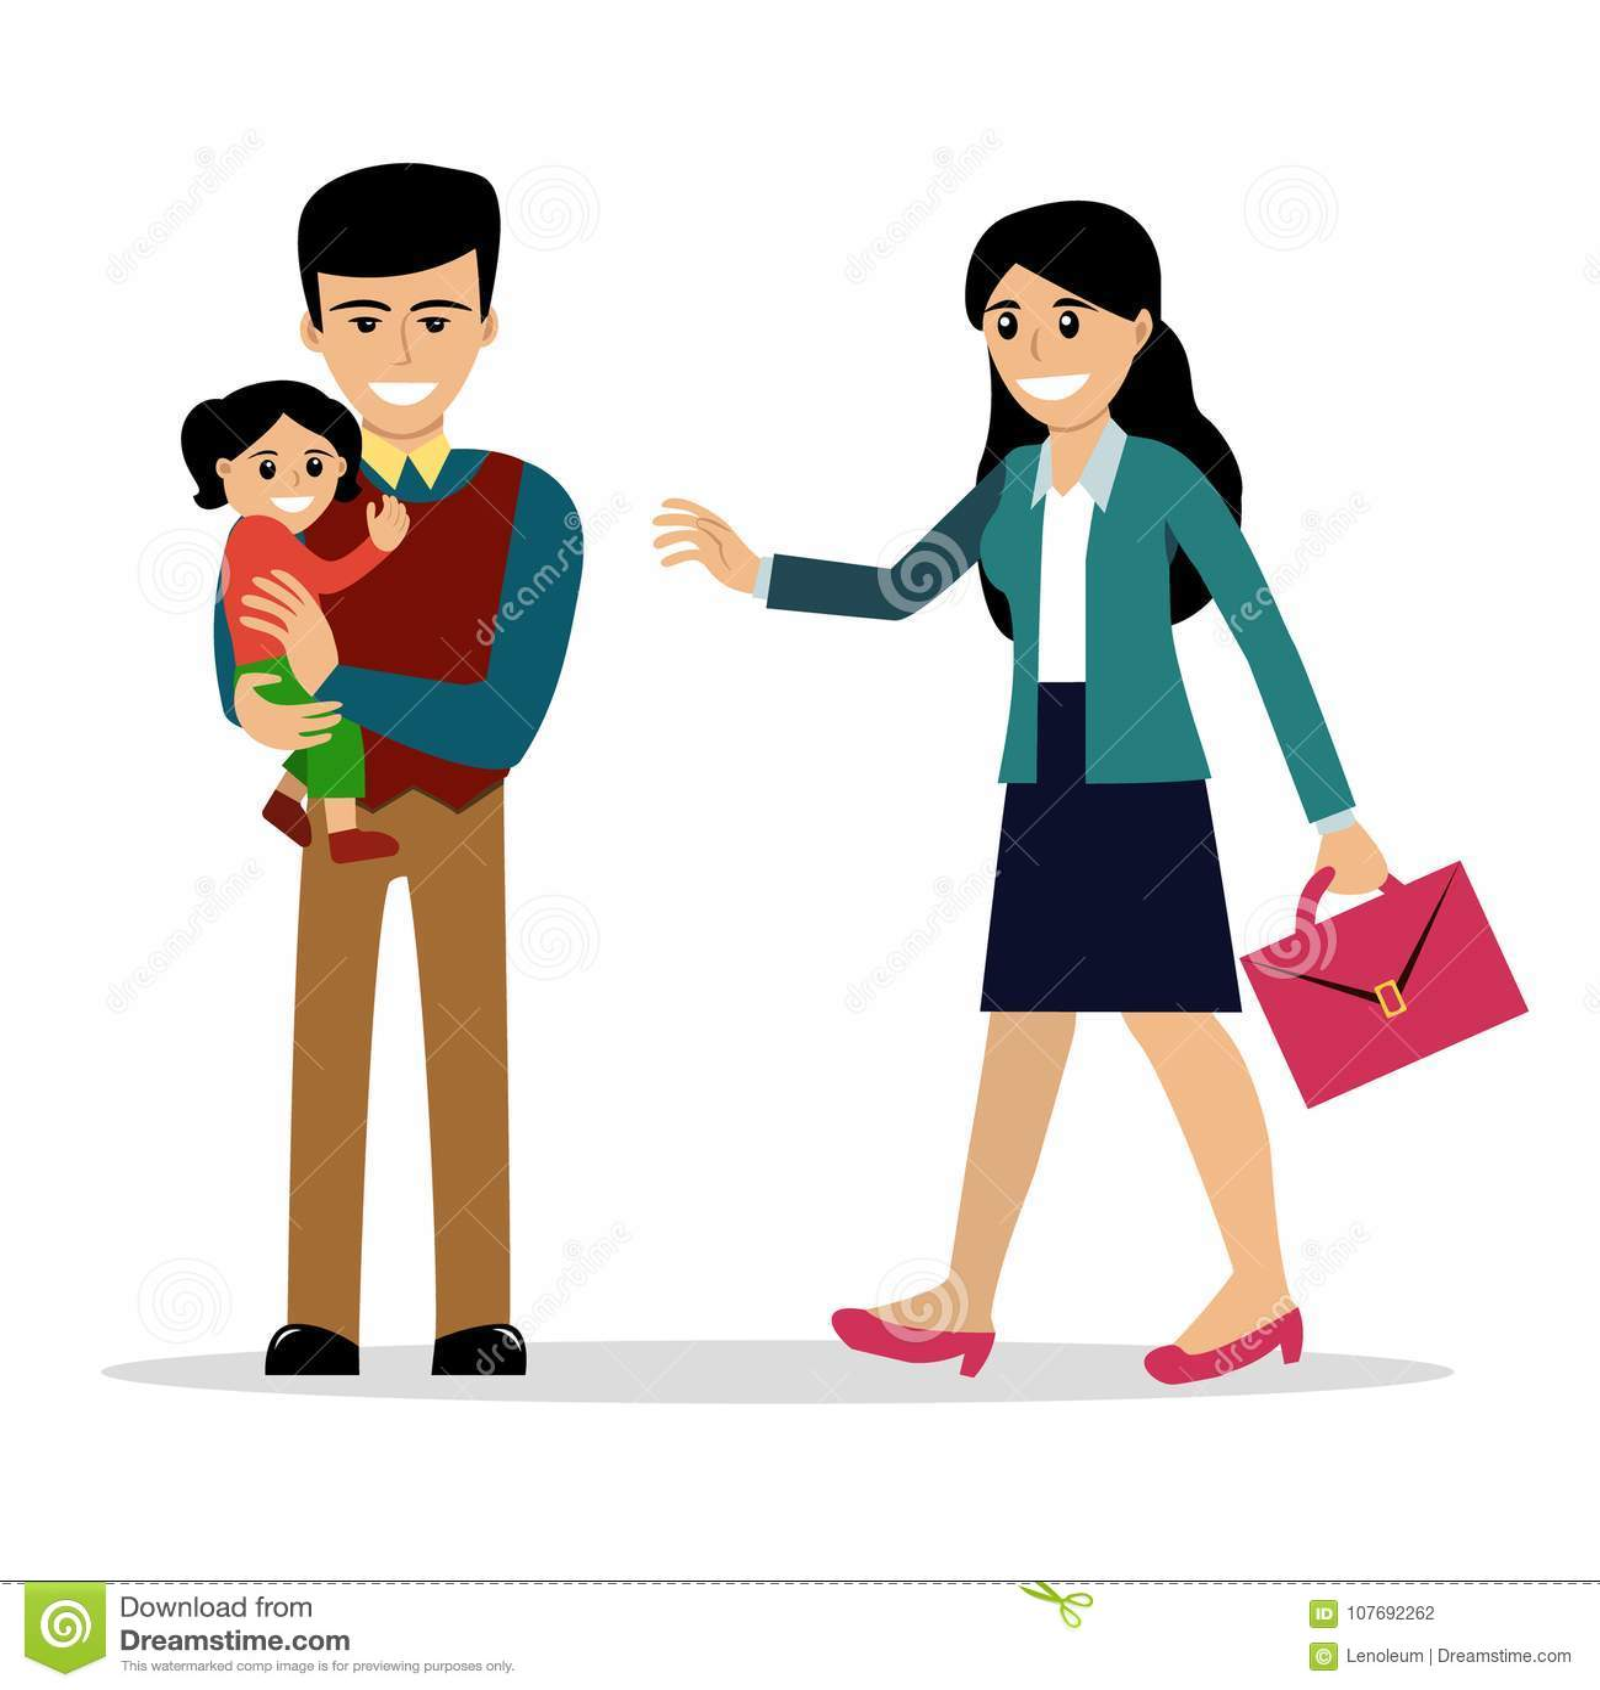 Tata i ich córki spotykają sięspotykanie się z kimś, kto był w długotrwałym związku